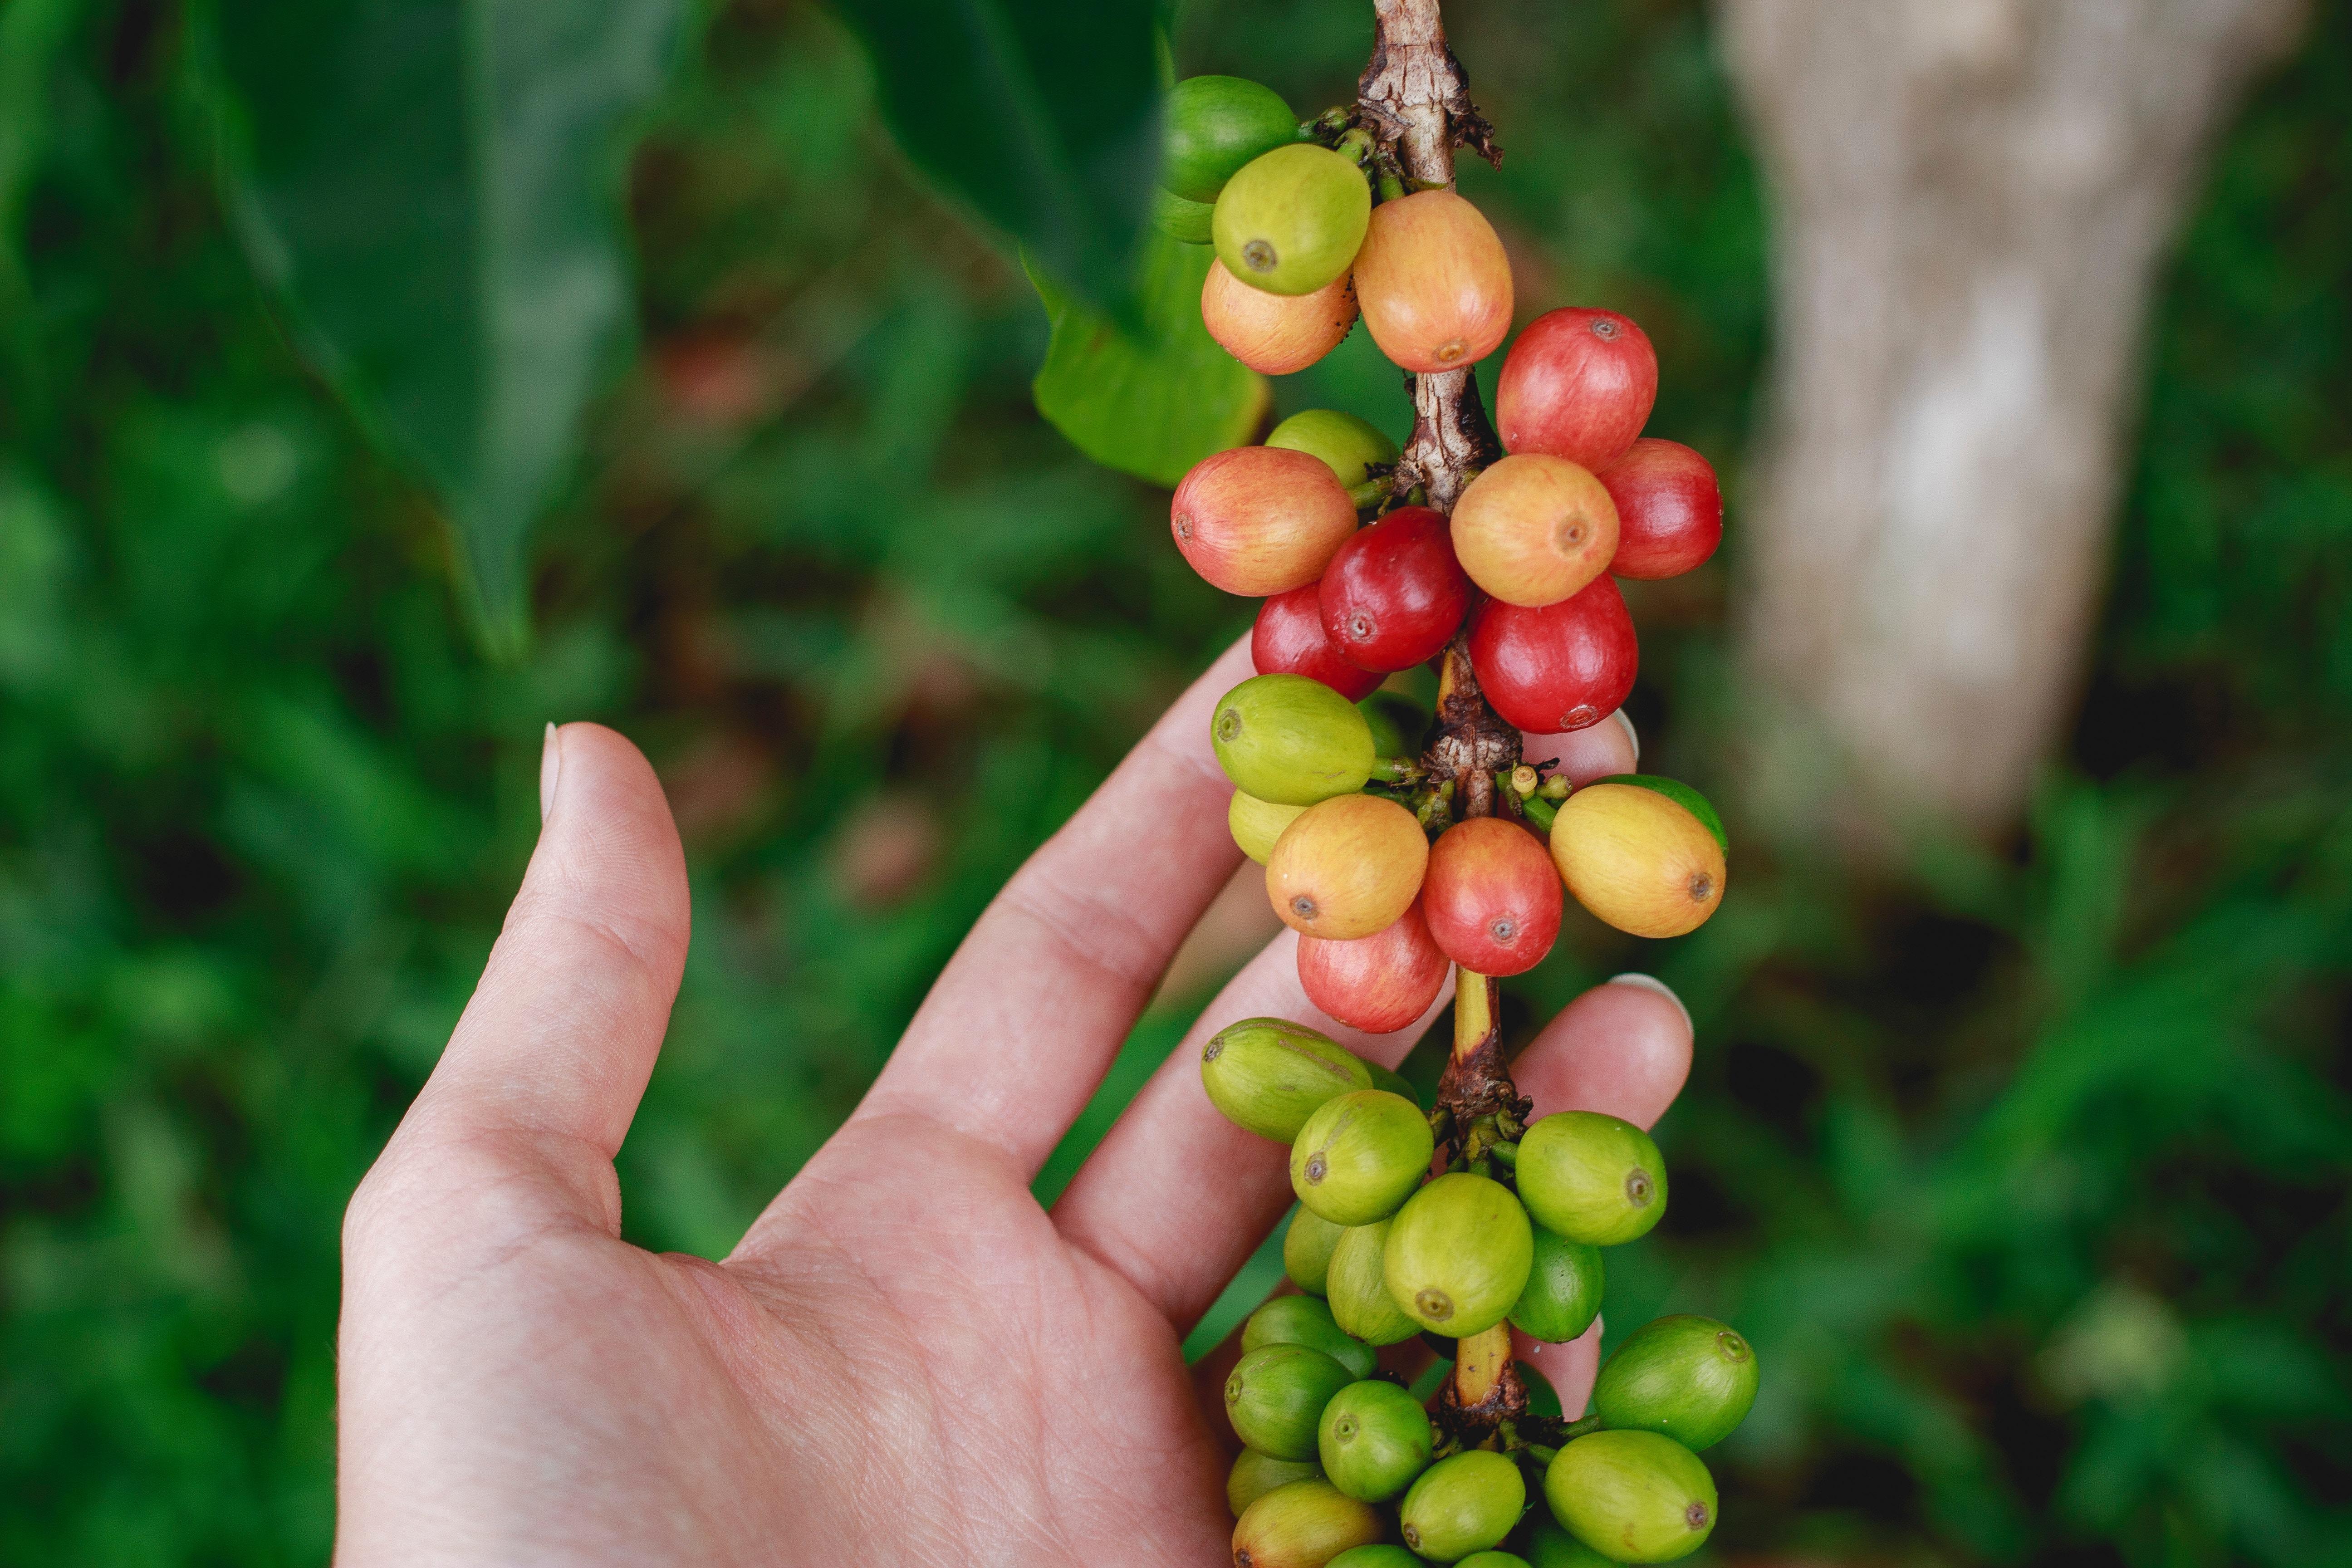 淺談肯亞咖啡分級制度,究竟 AA TOP 與 AB TOP 差在哪?